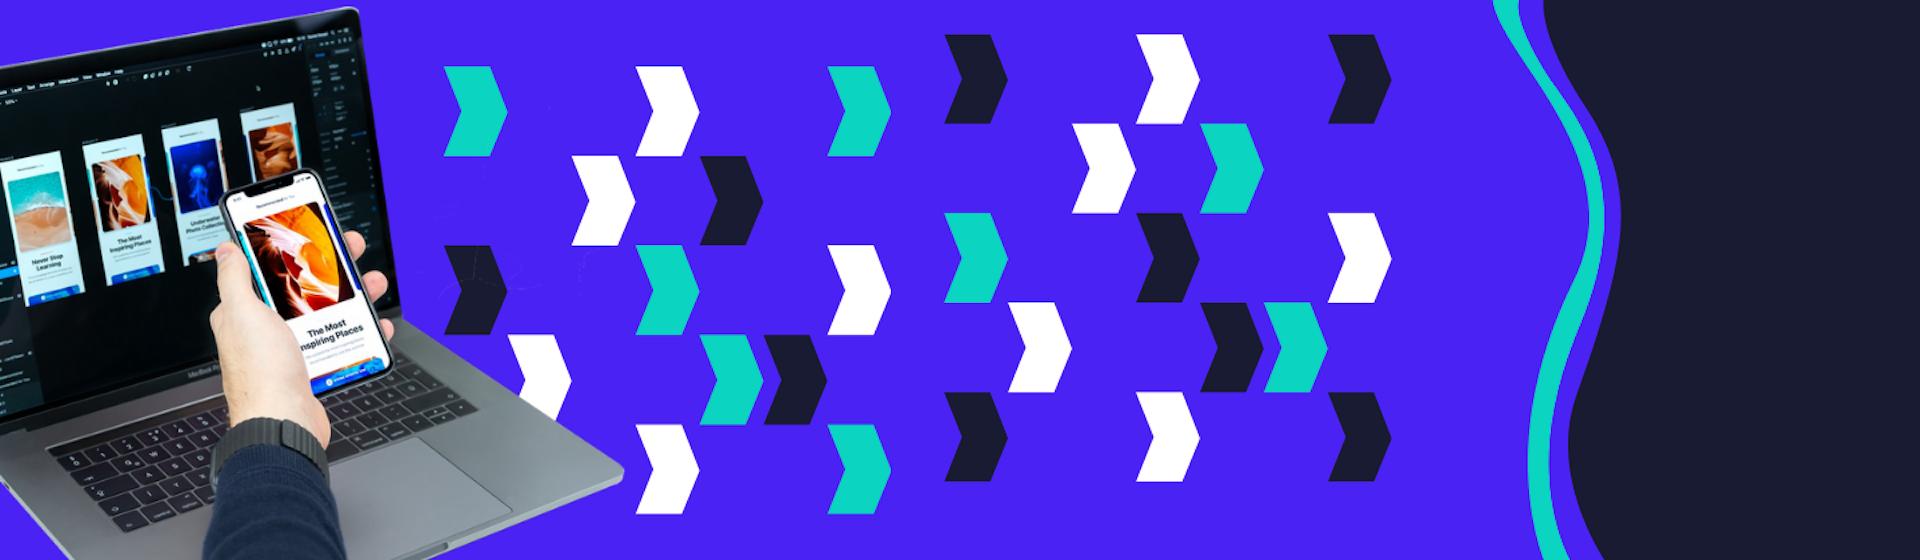 Adobe XD Templates: Diseña fácilmente la interfaz de tu app